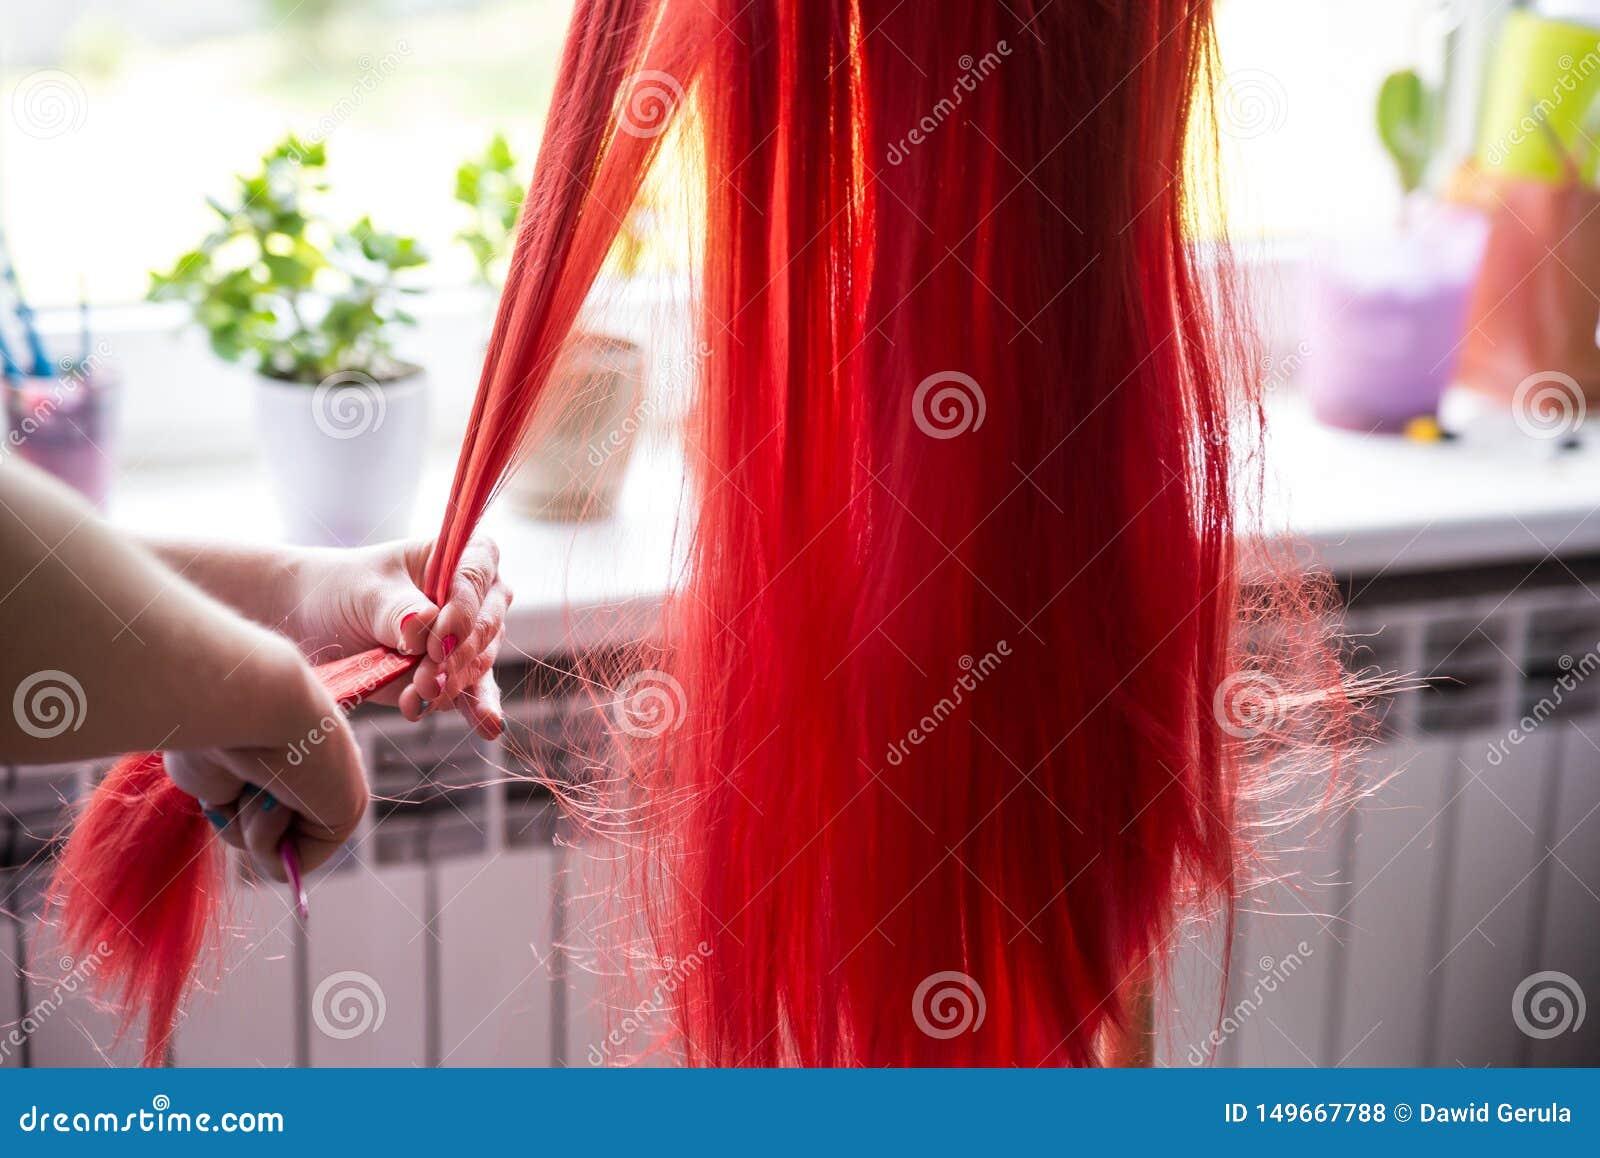 Kvinnas h?nder som kammar fint r?tt h?r, smutsig peruk p? st?llningen